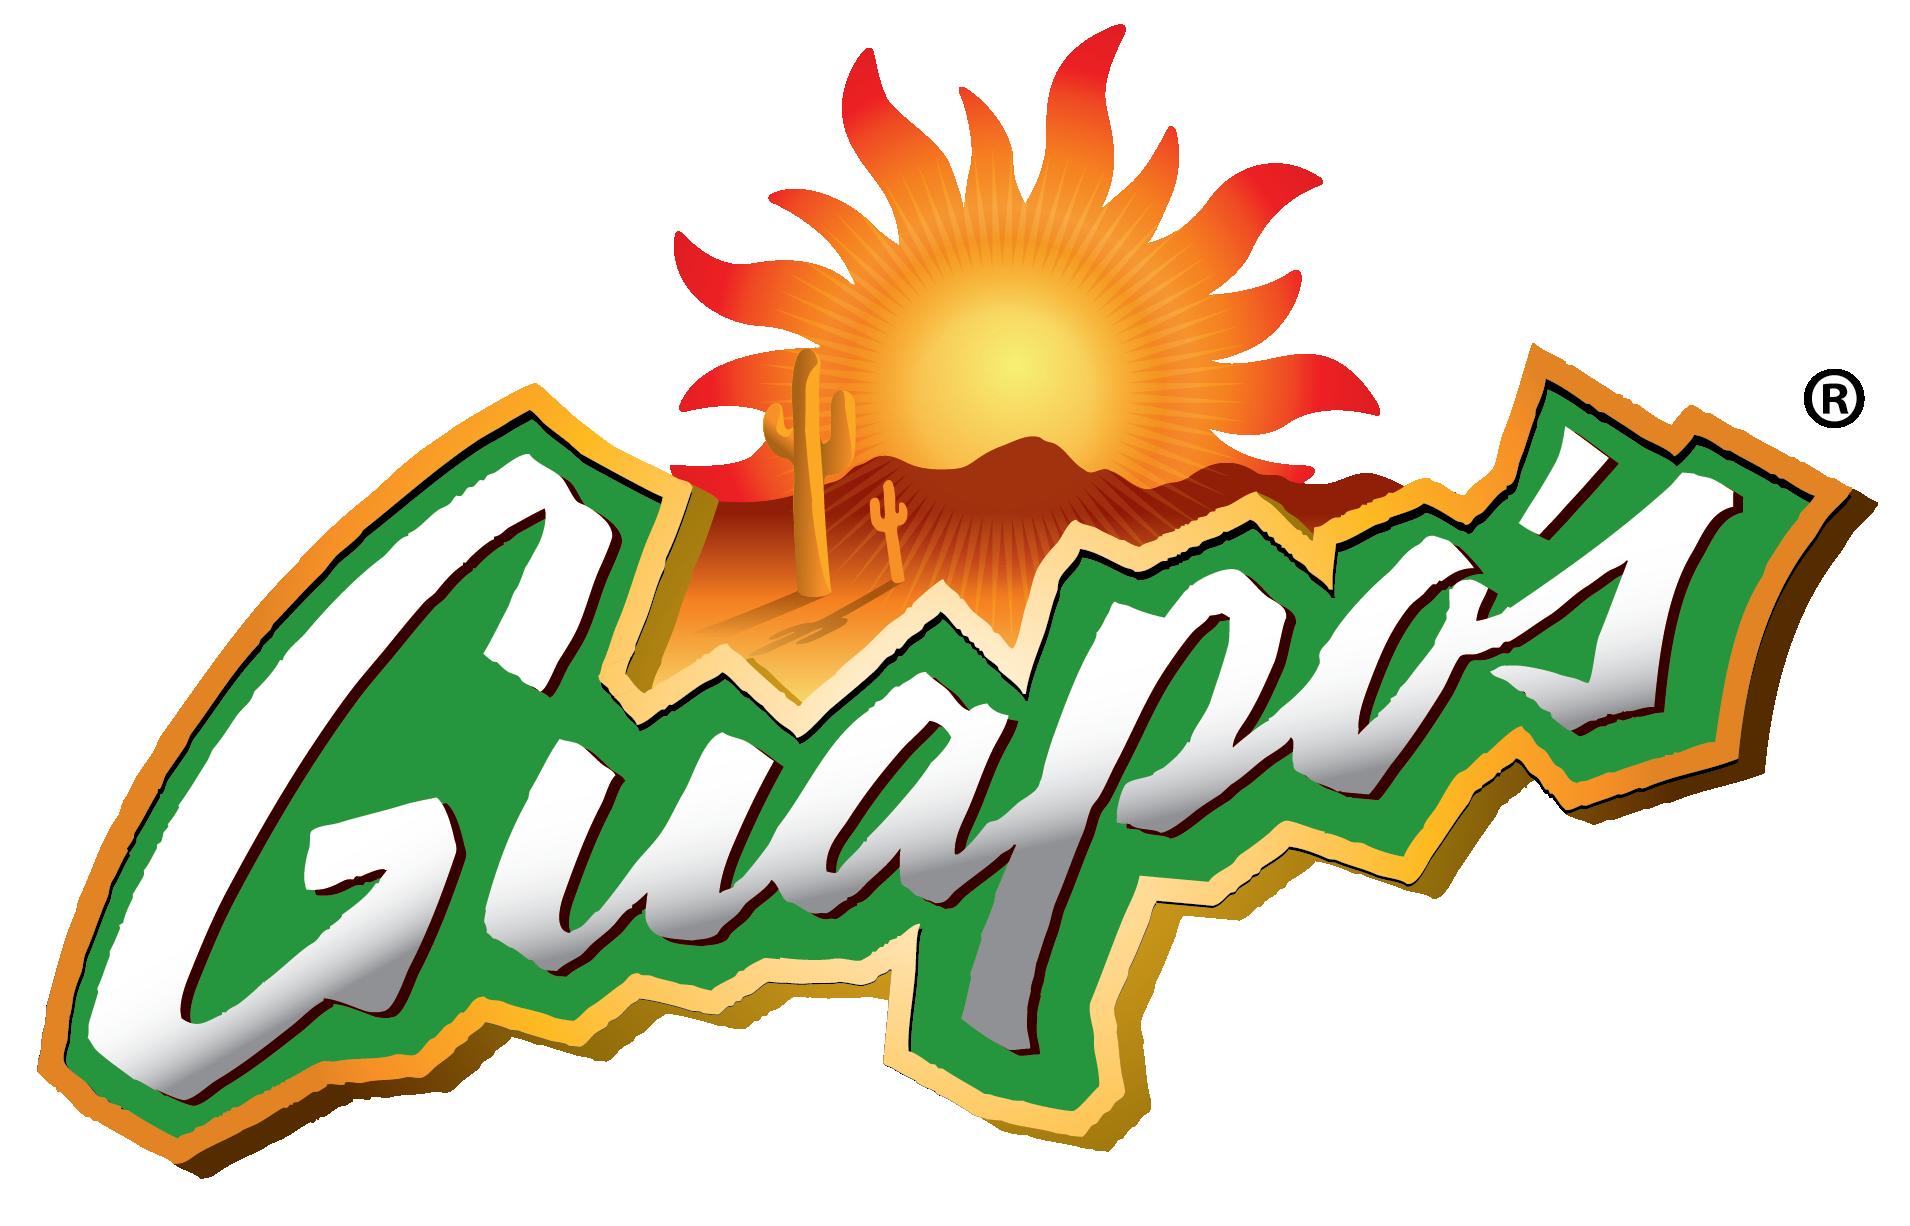 Guapos